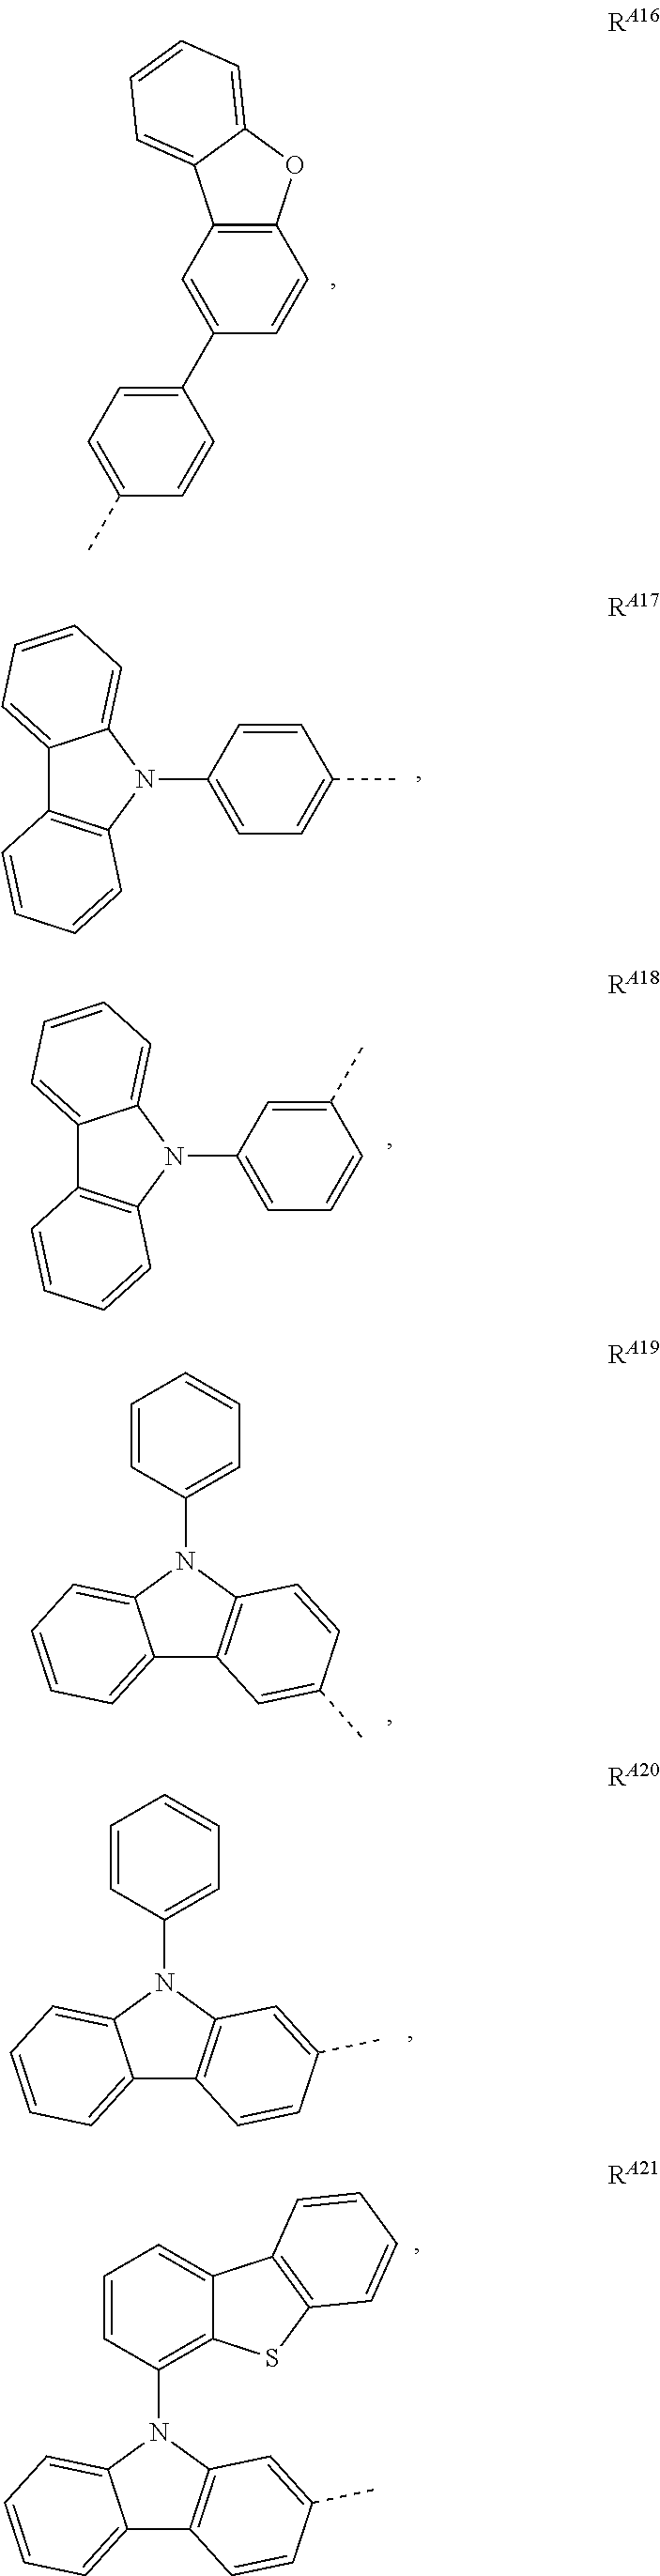 Figure US09761814-20170912-C00249